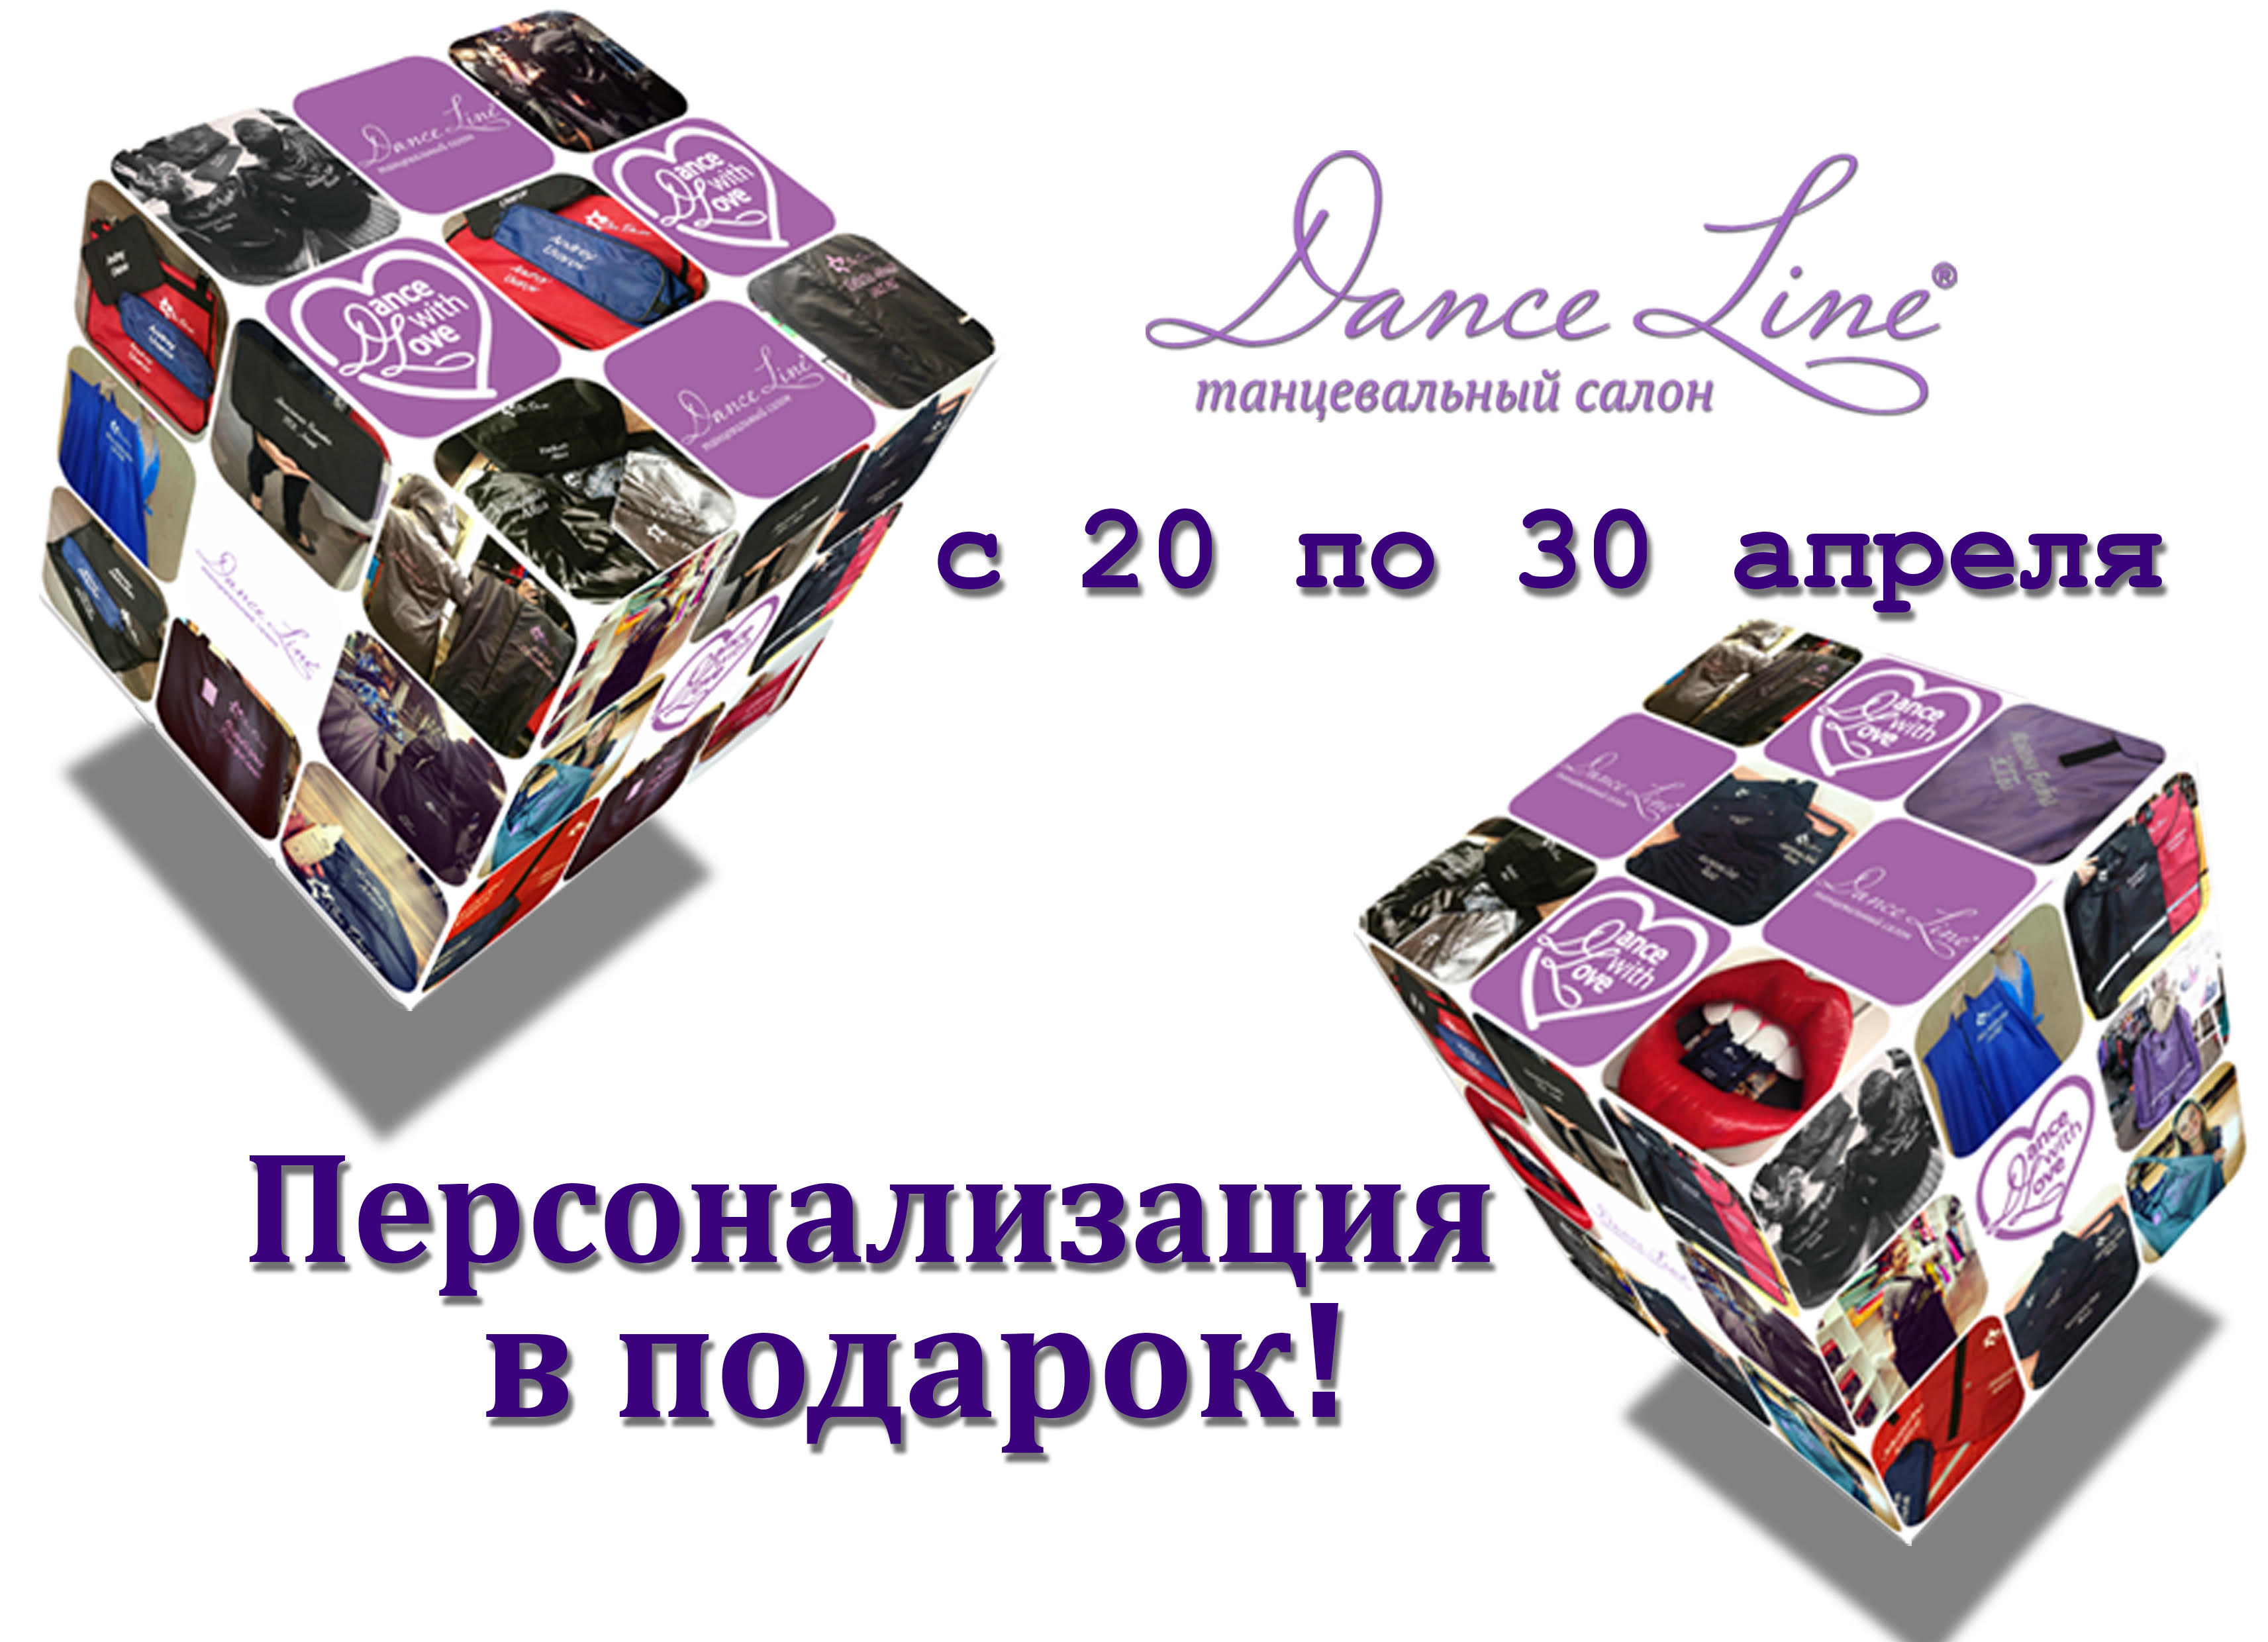 АКЦИИ в ТАНЦЕВАЛЬНОМ МАГАЗИН DANCE LINE: ПЕРСОНАЛИЗАЦИЯ В ПОДАРОК